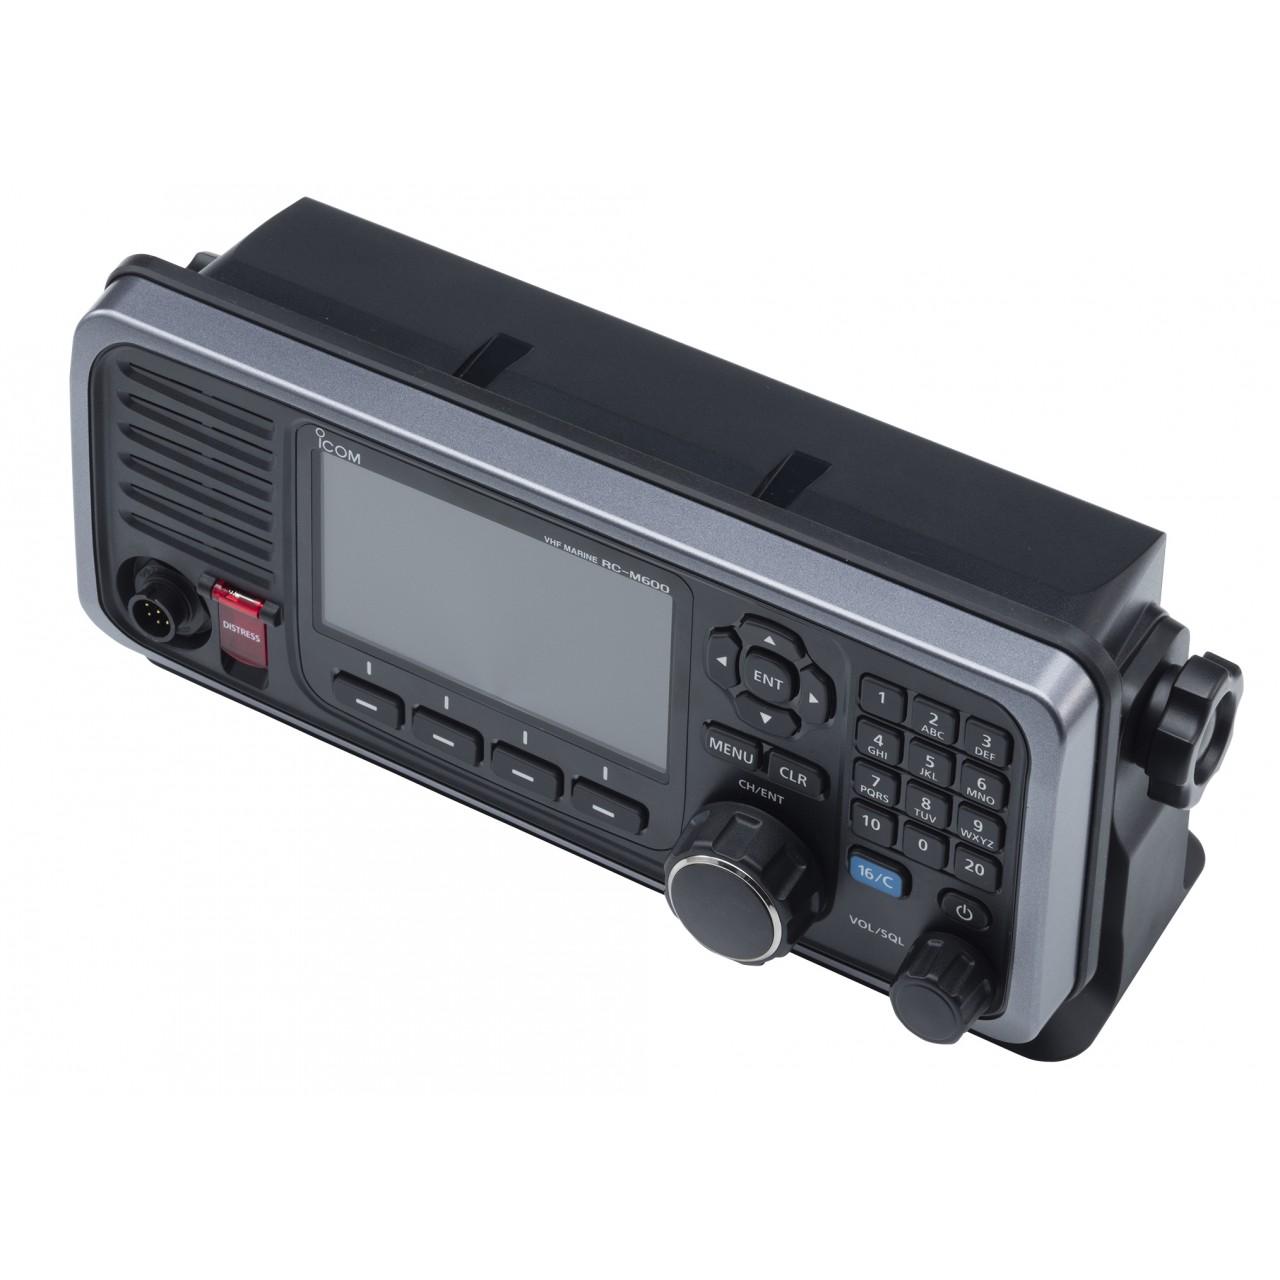 RS-M600 sans microphone